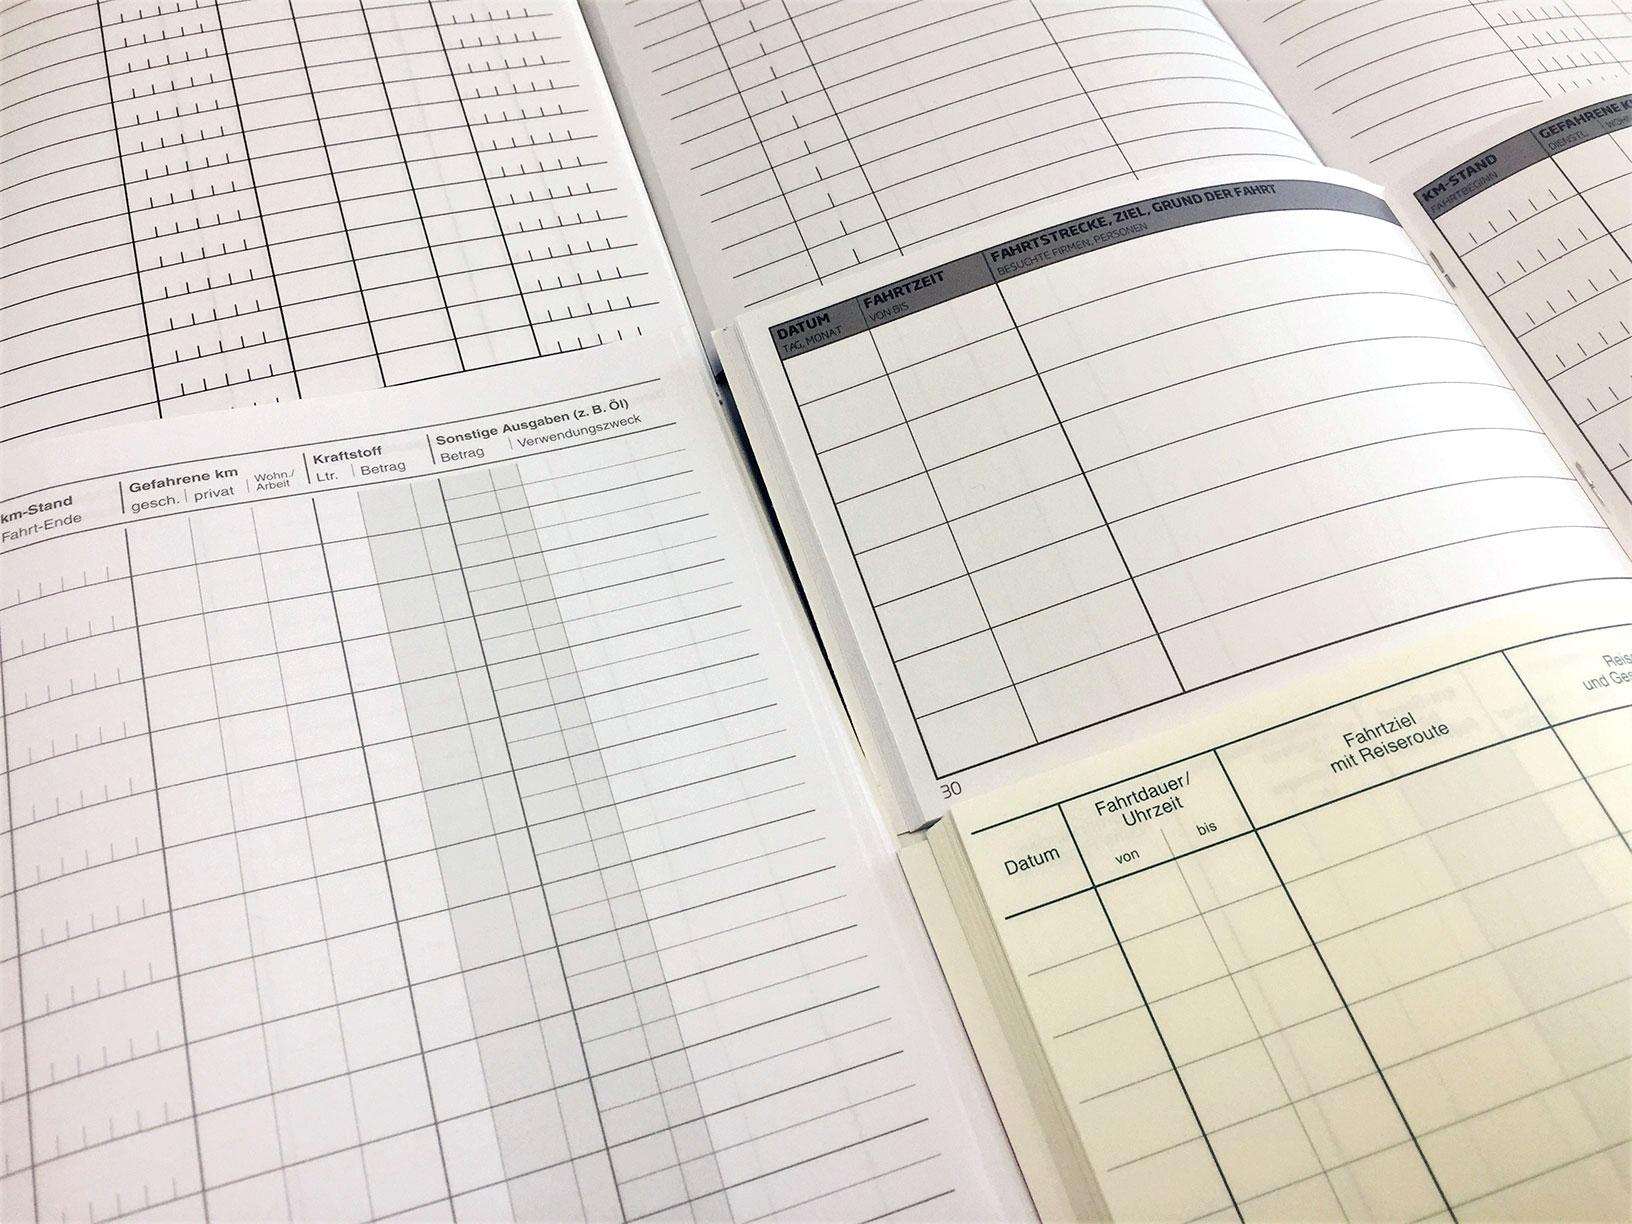 So sieht's aus: Fahrtenbuchvorlagen zum Ausdrucken   fahrtenbuch.com